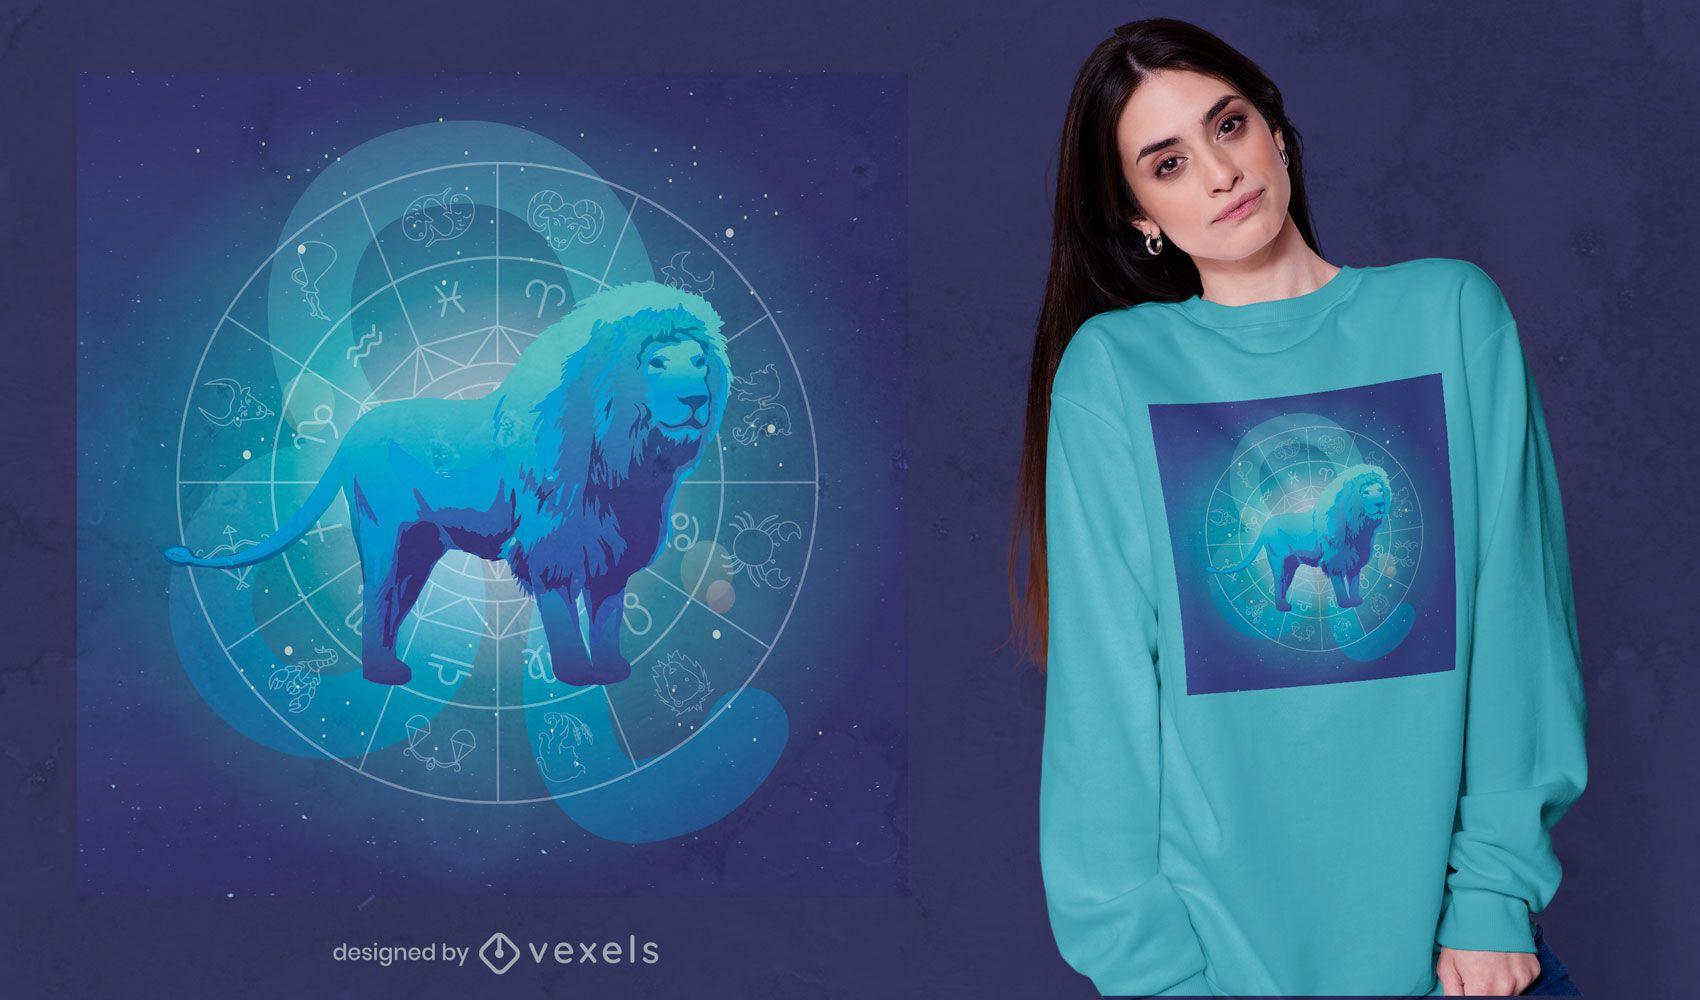 Design de camiseta do signo do zodíaco Leo Leão